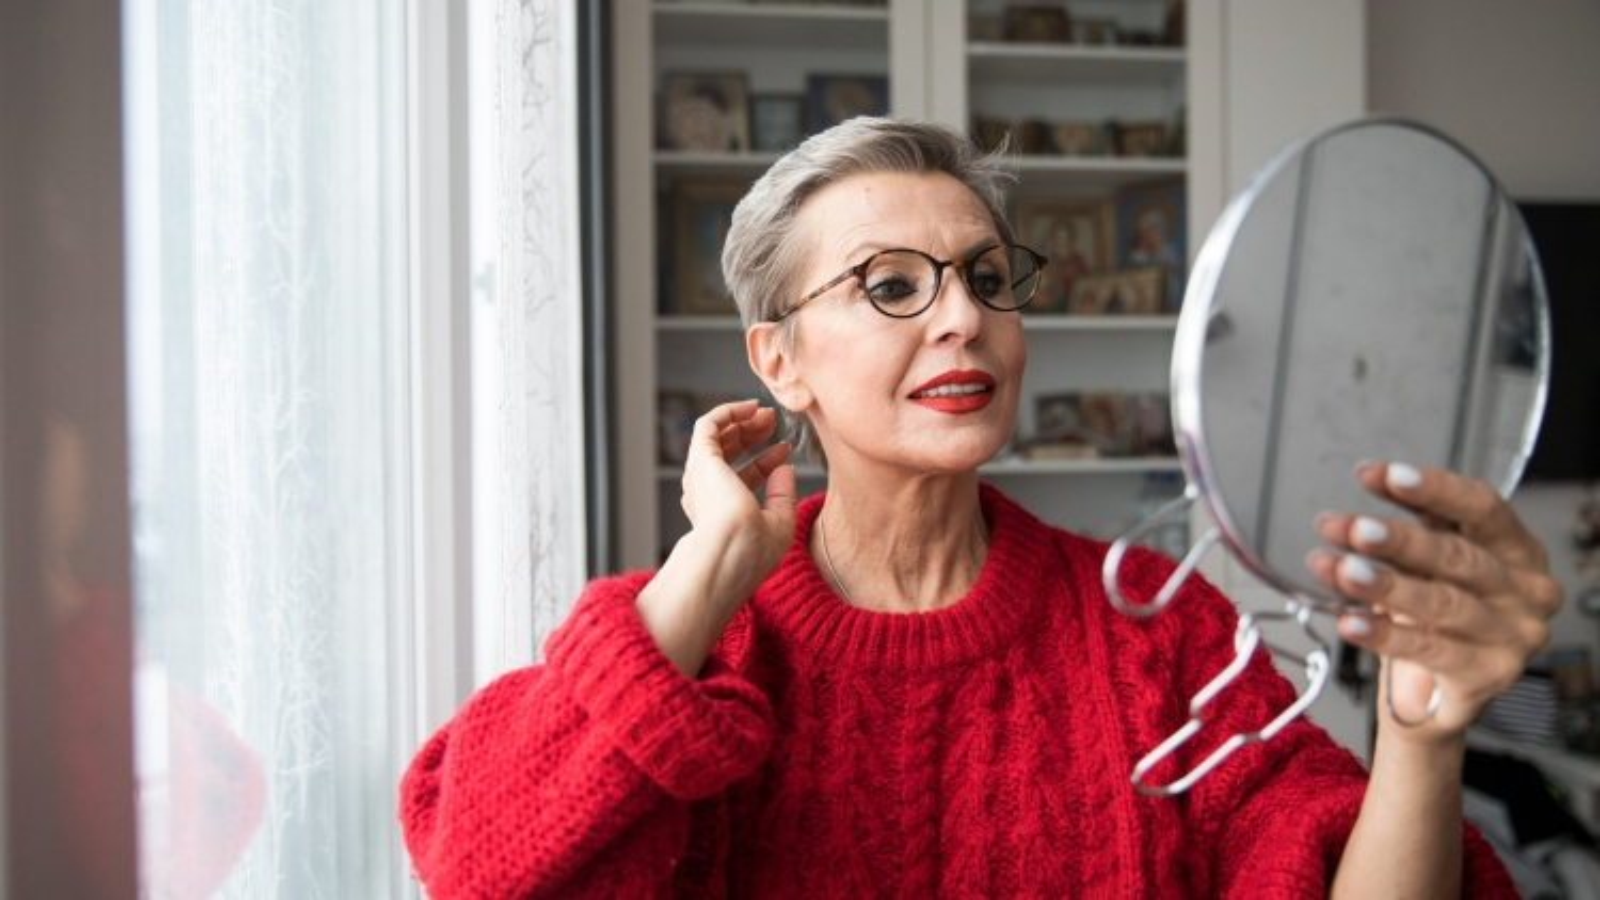 Những nguyên nhân tiềm ẩn khiến tóc bạn bạc sớm